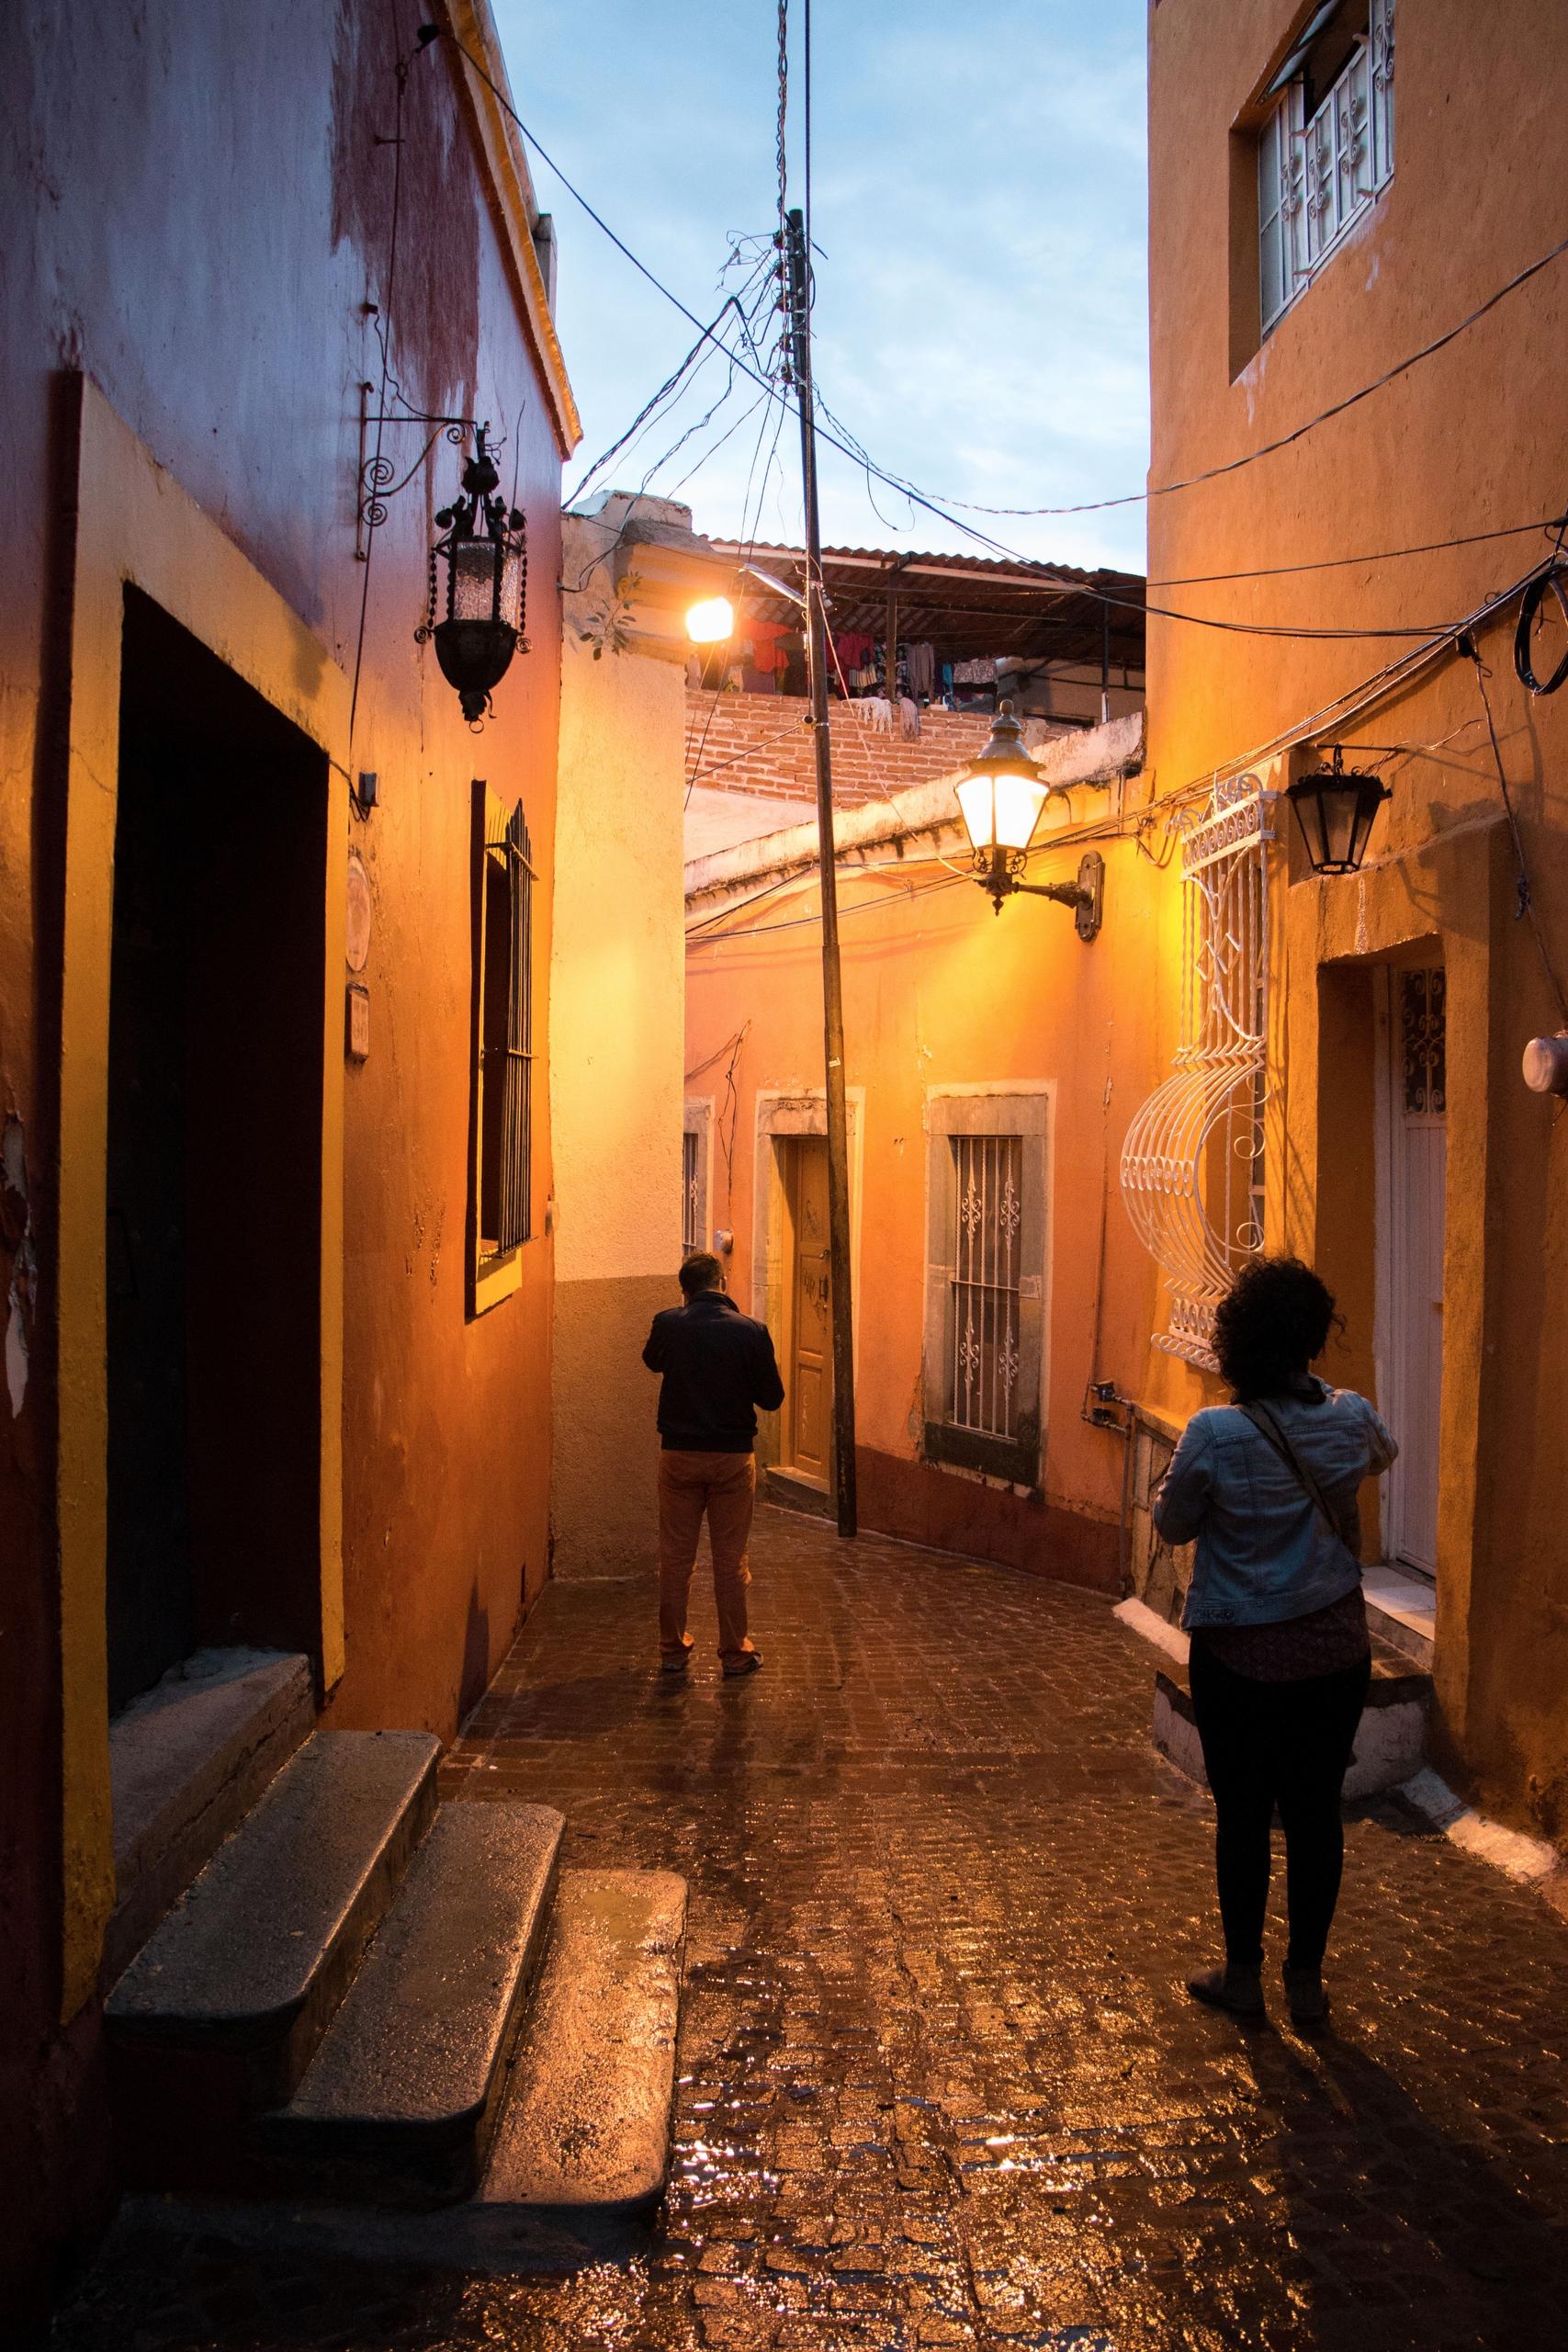 La lluvia embellece las calles  - yiramos | ello